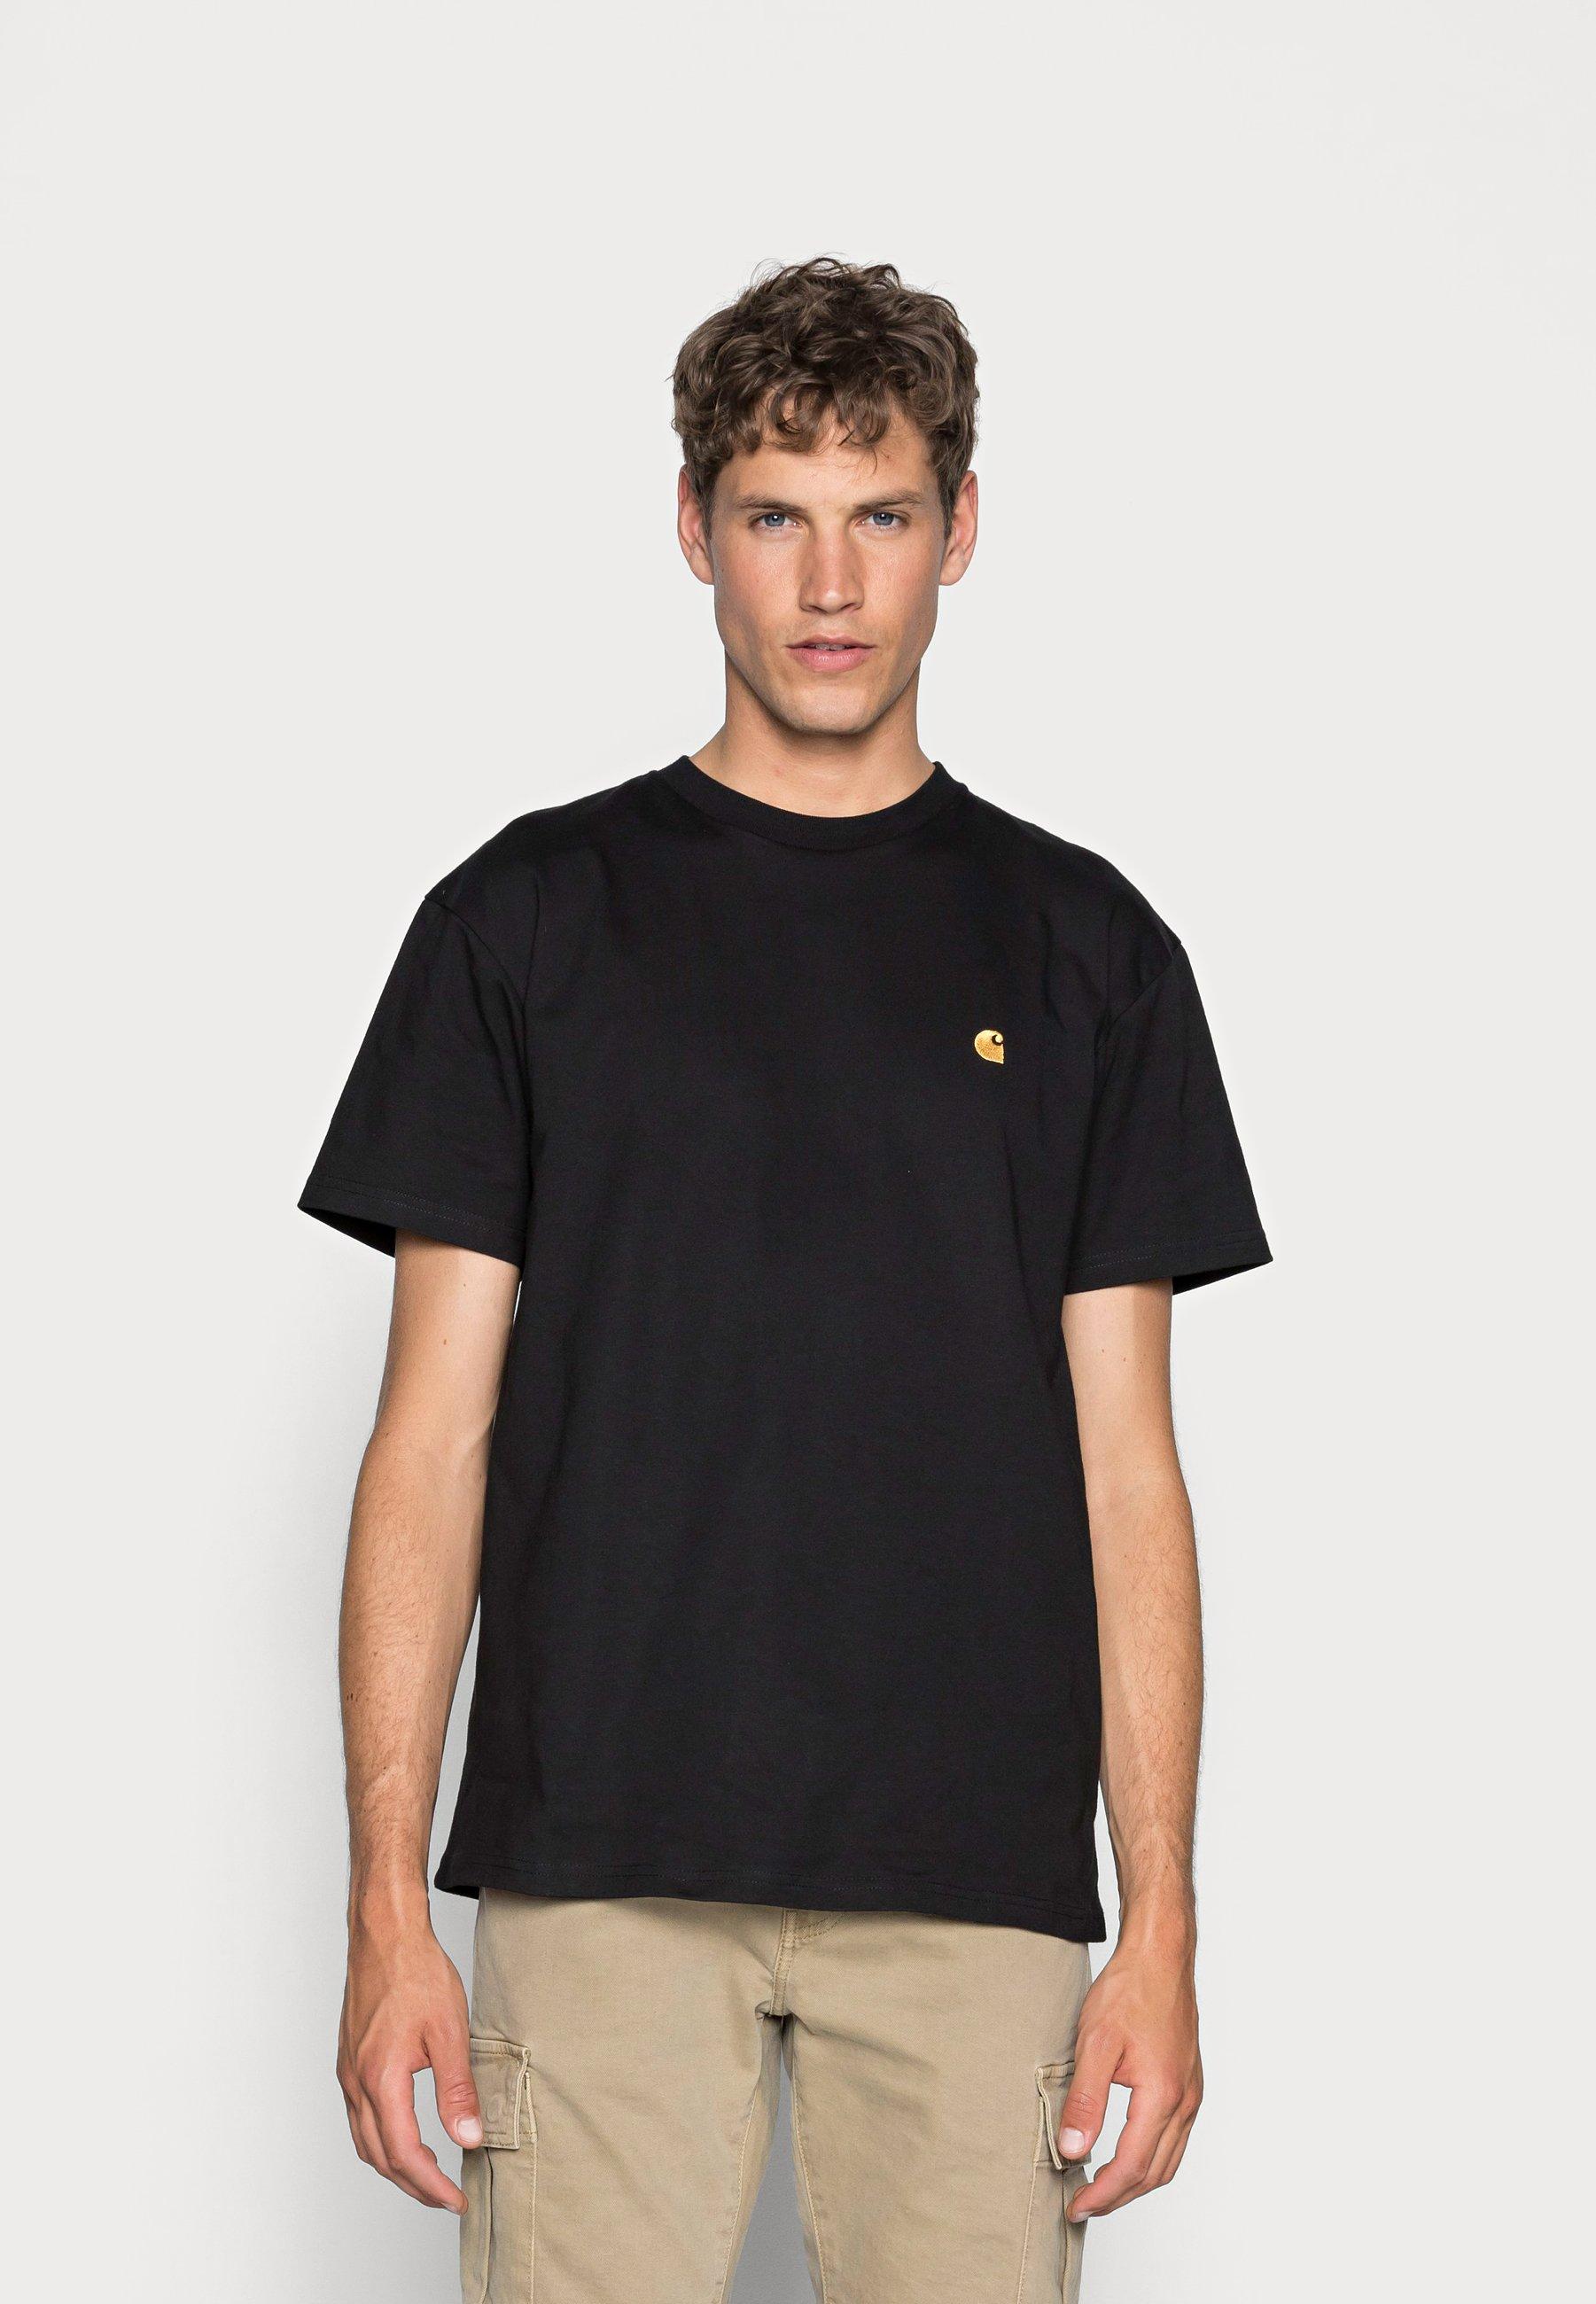 CHASE   T Shirt basic   black/gold